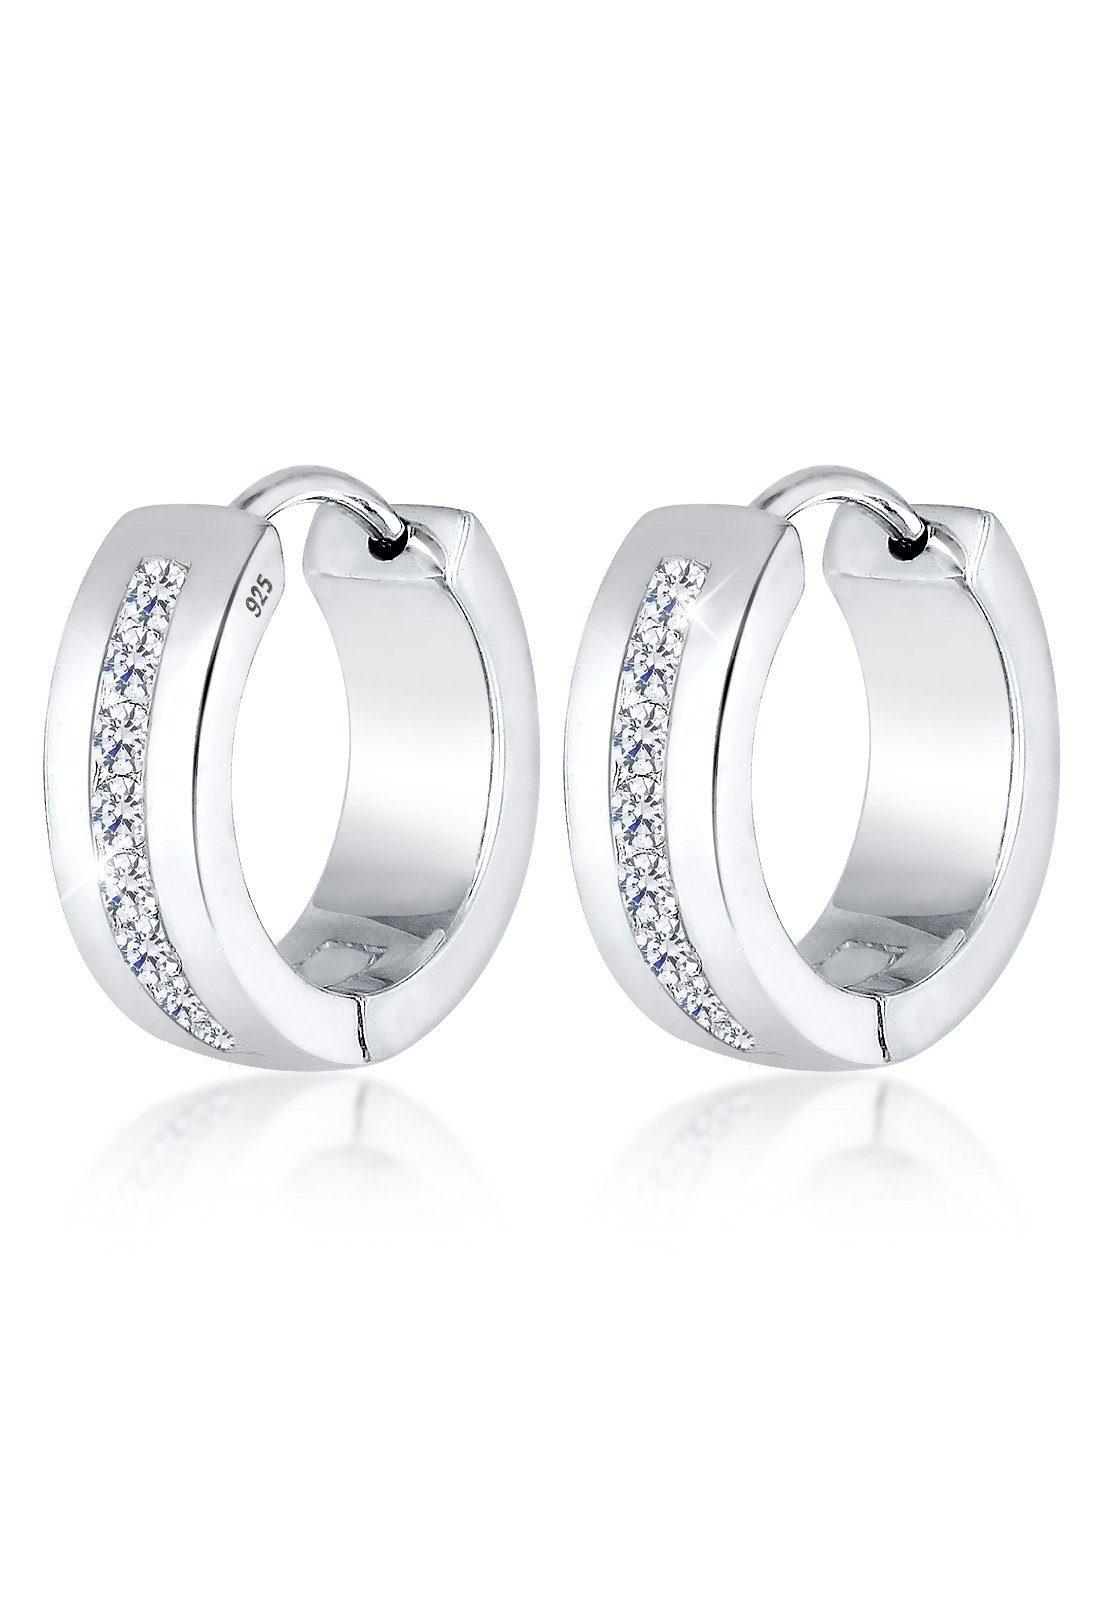 Elli Creole Online Silber« Kaufen 925 Creolen Zirkonia Paar Kristalle »basic l1cFJTK